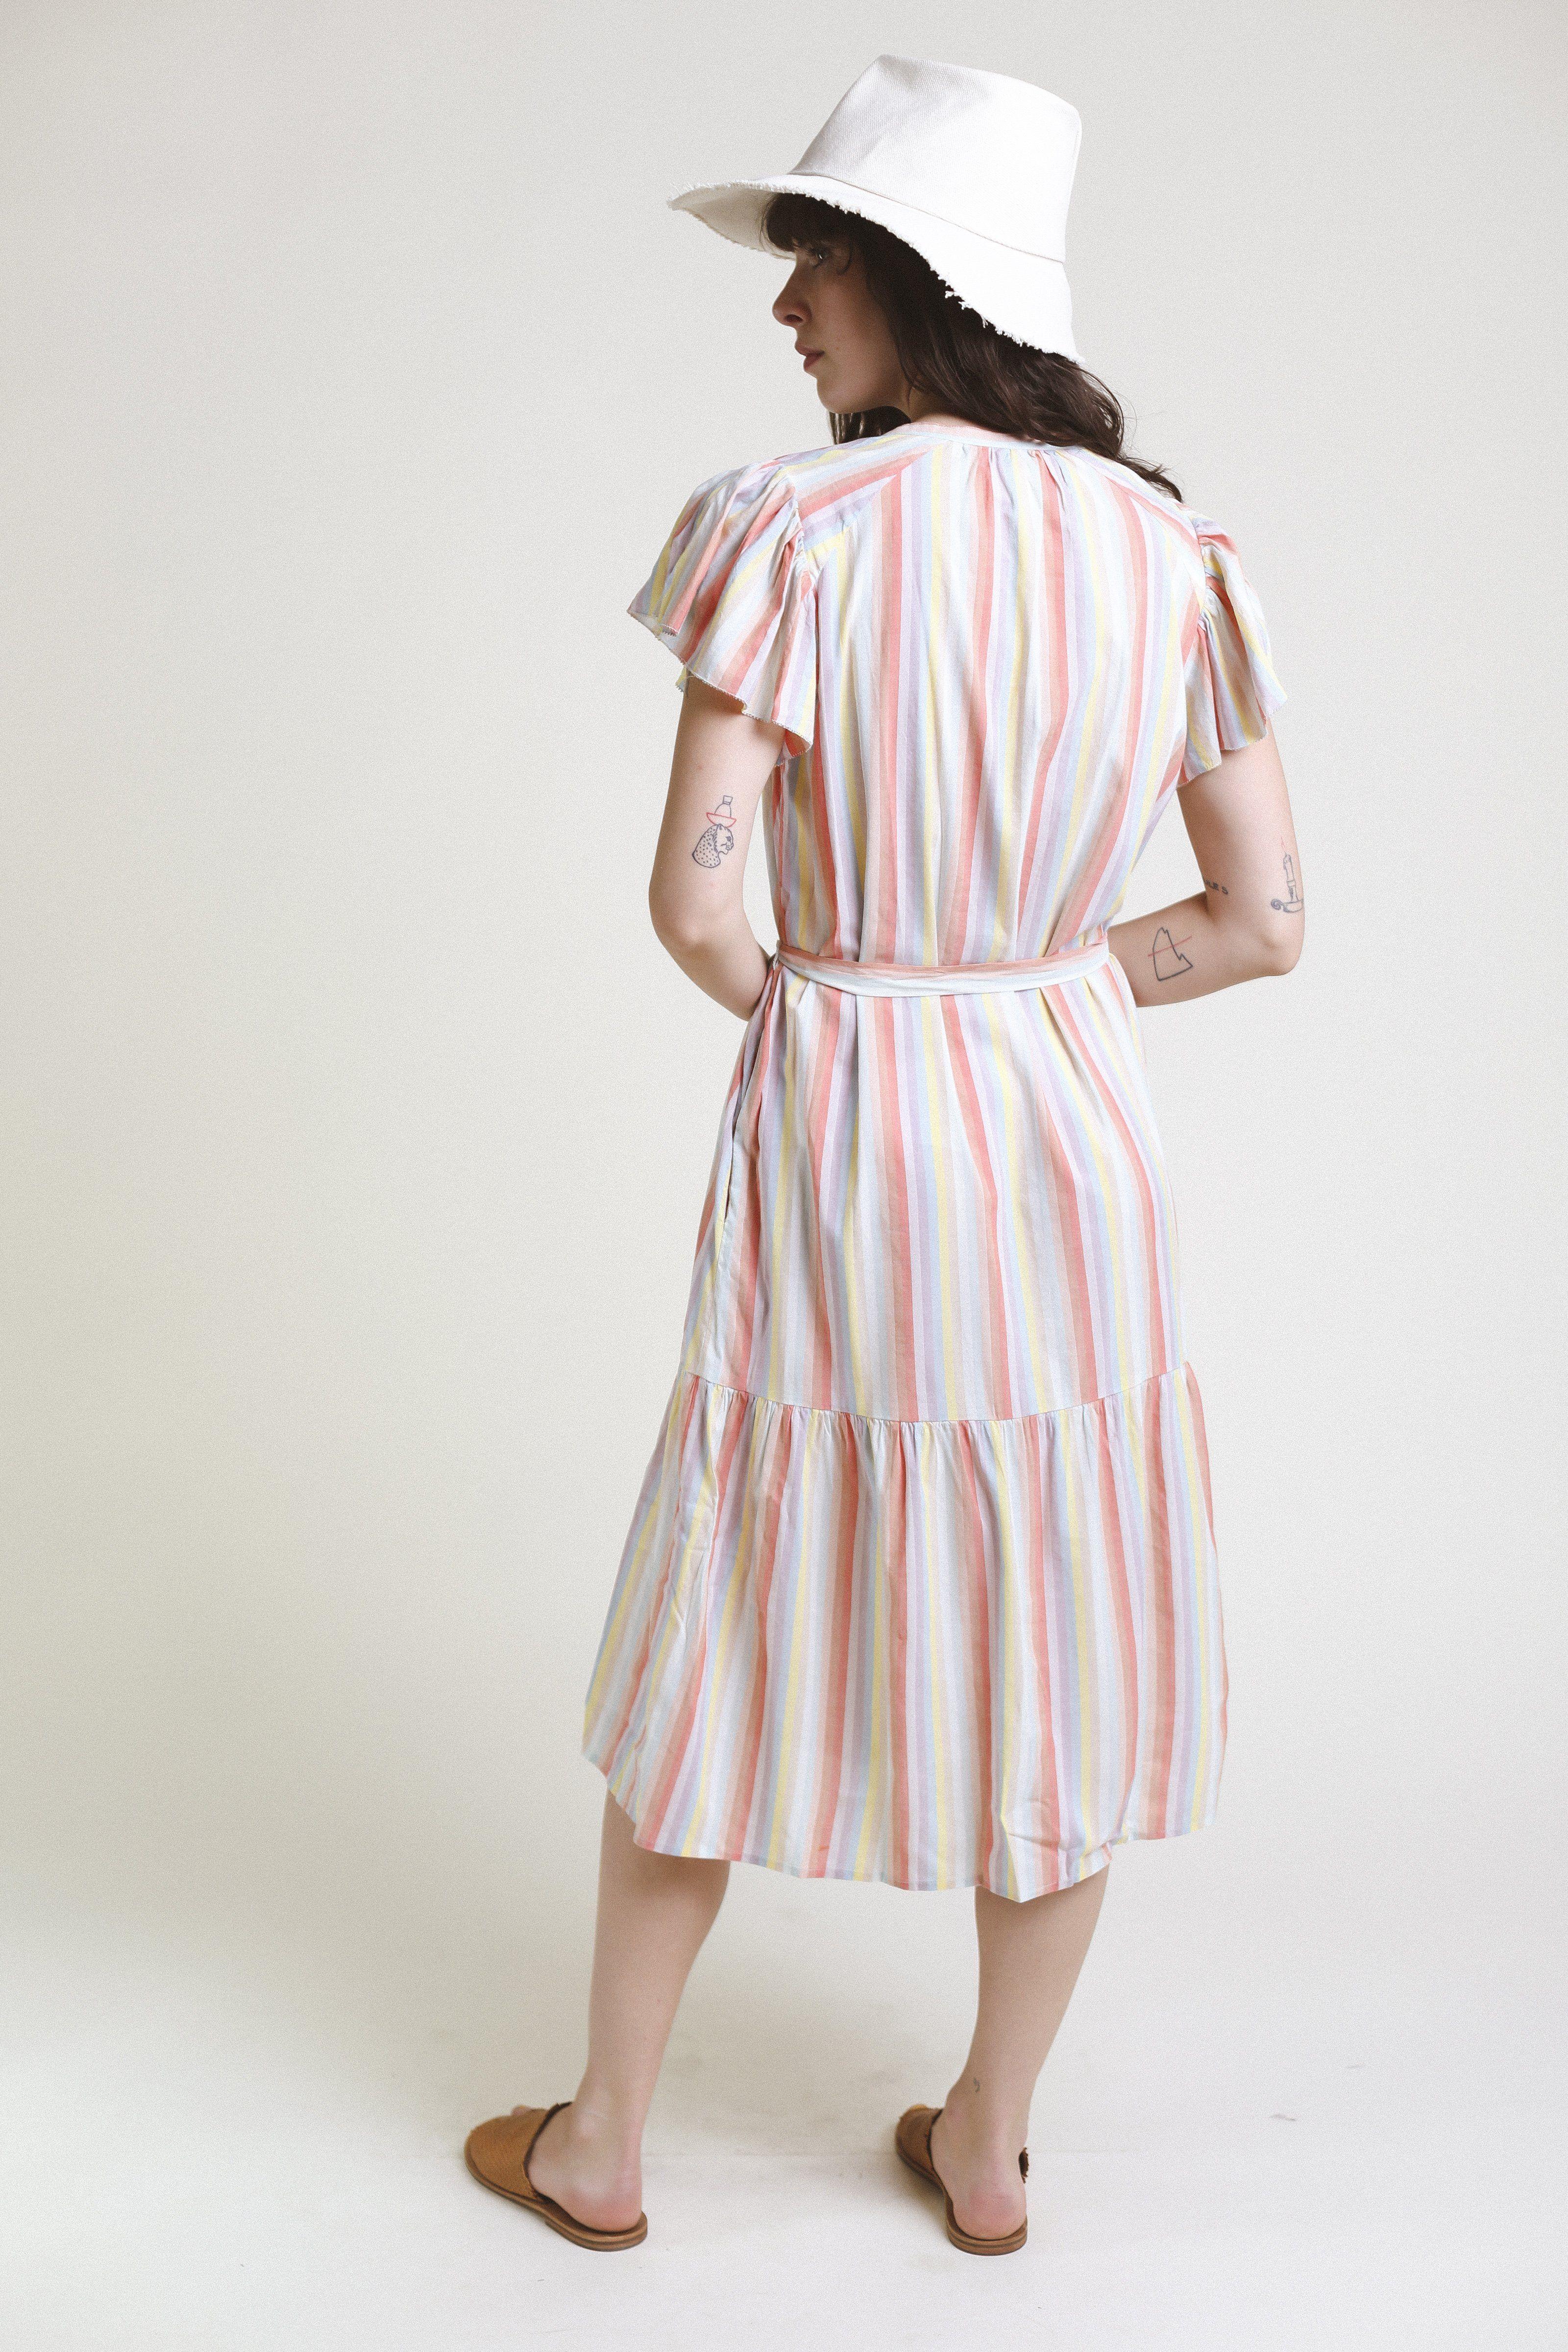 Emery S/S Bohemian Dress RAINBOW STRIPE by Trovata - 2